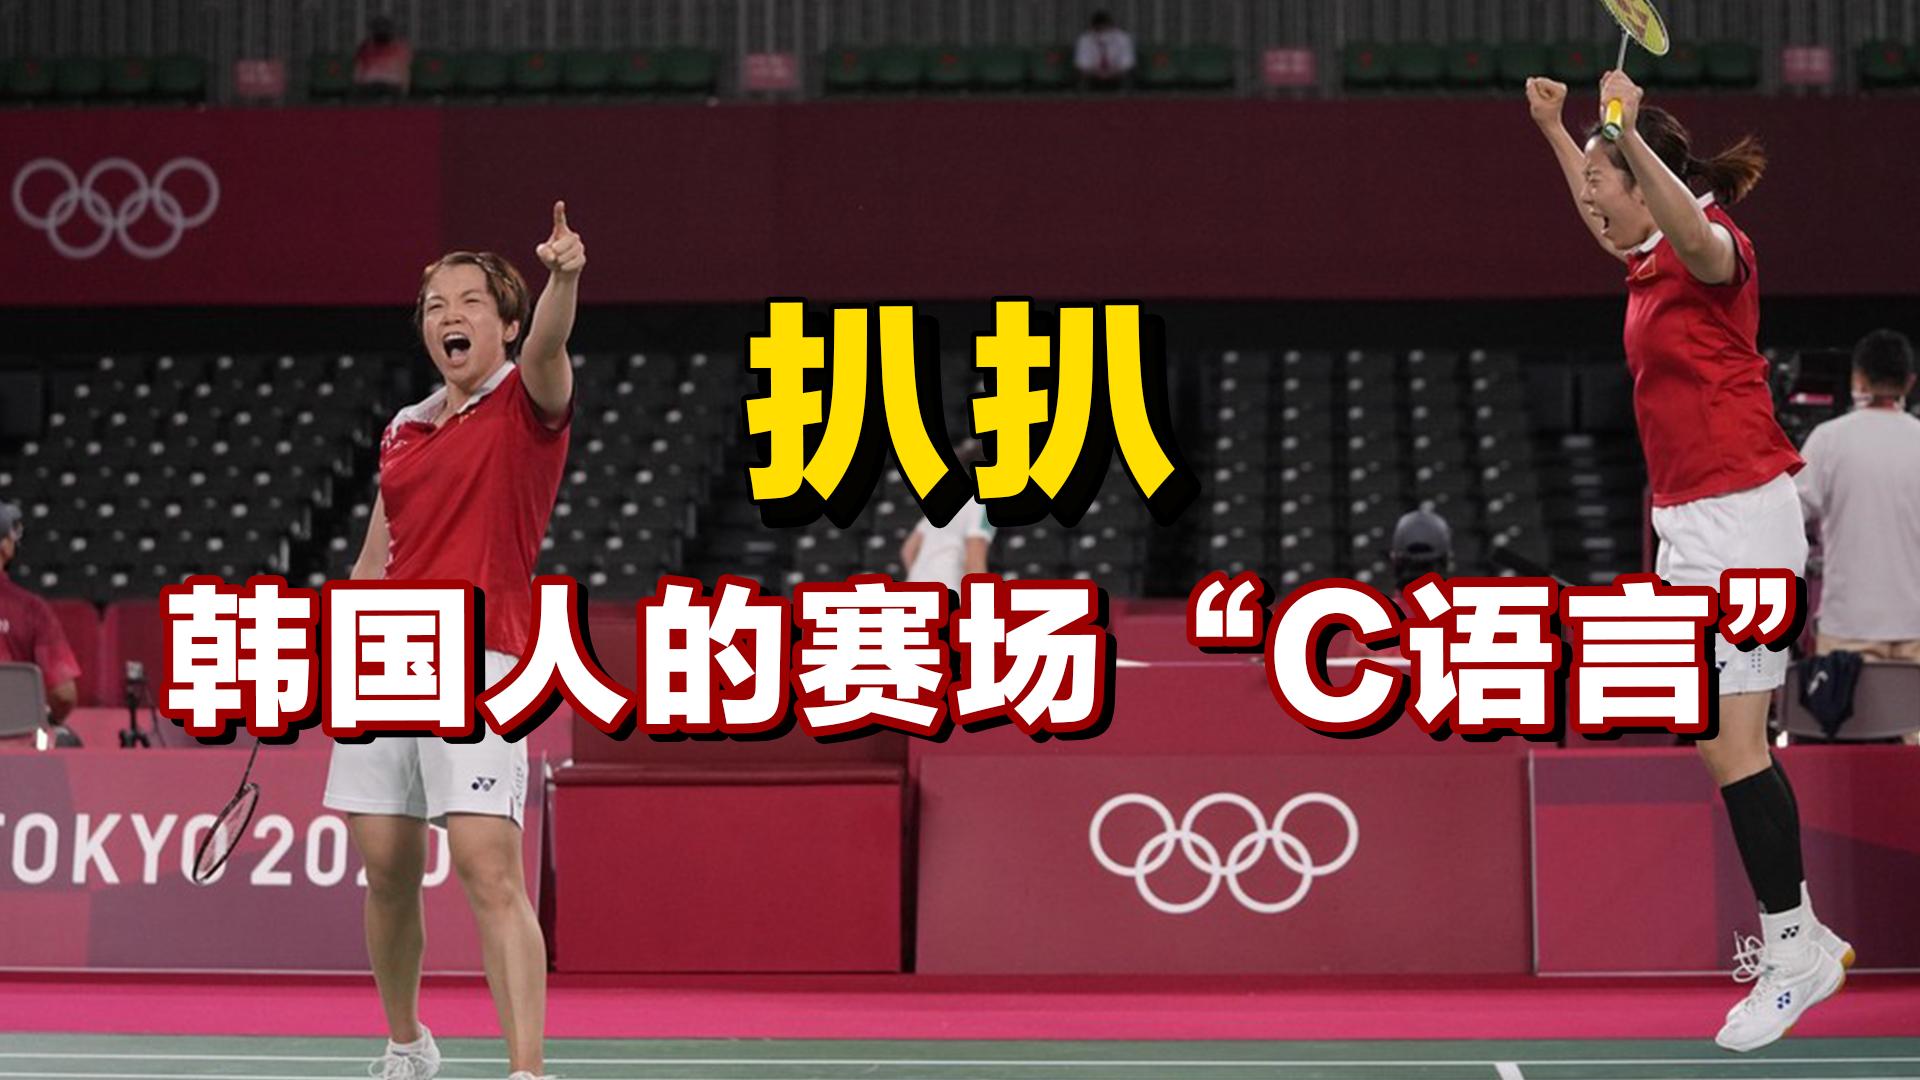 韩国举报中国女选手场上骂脏话 你们的运动员做好了吗?